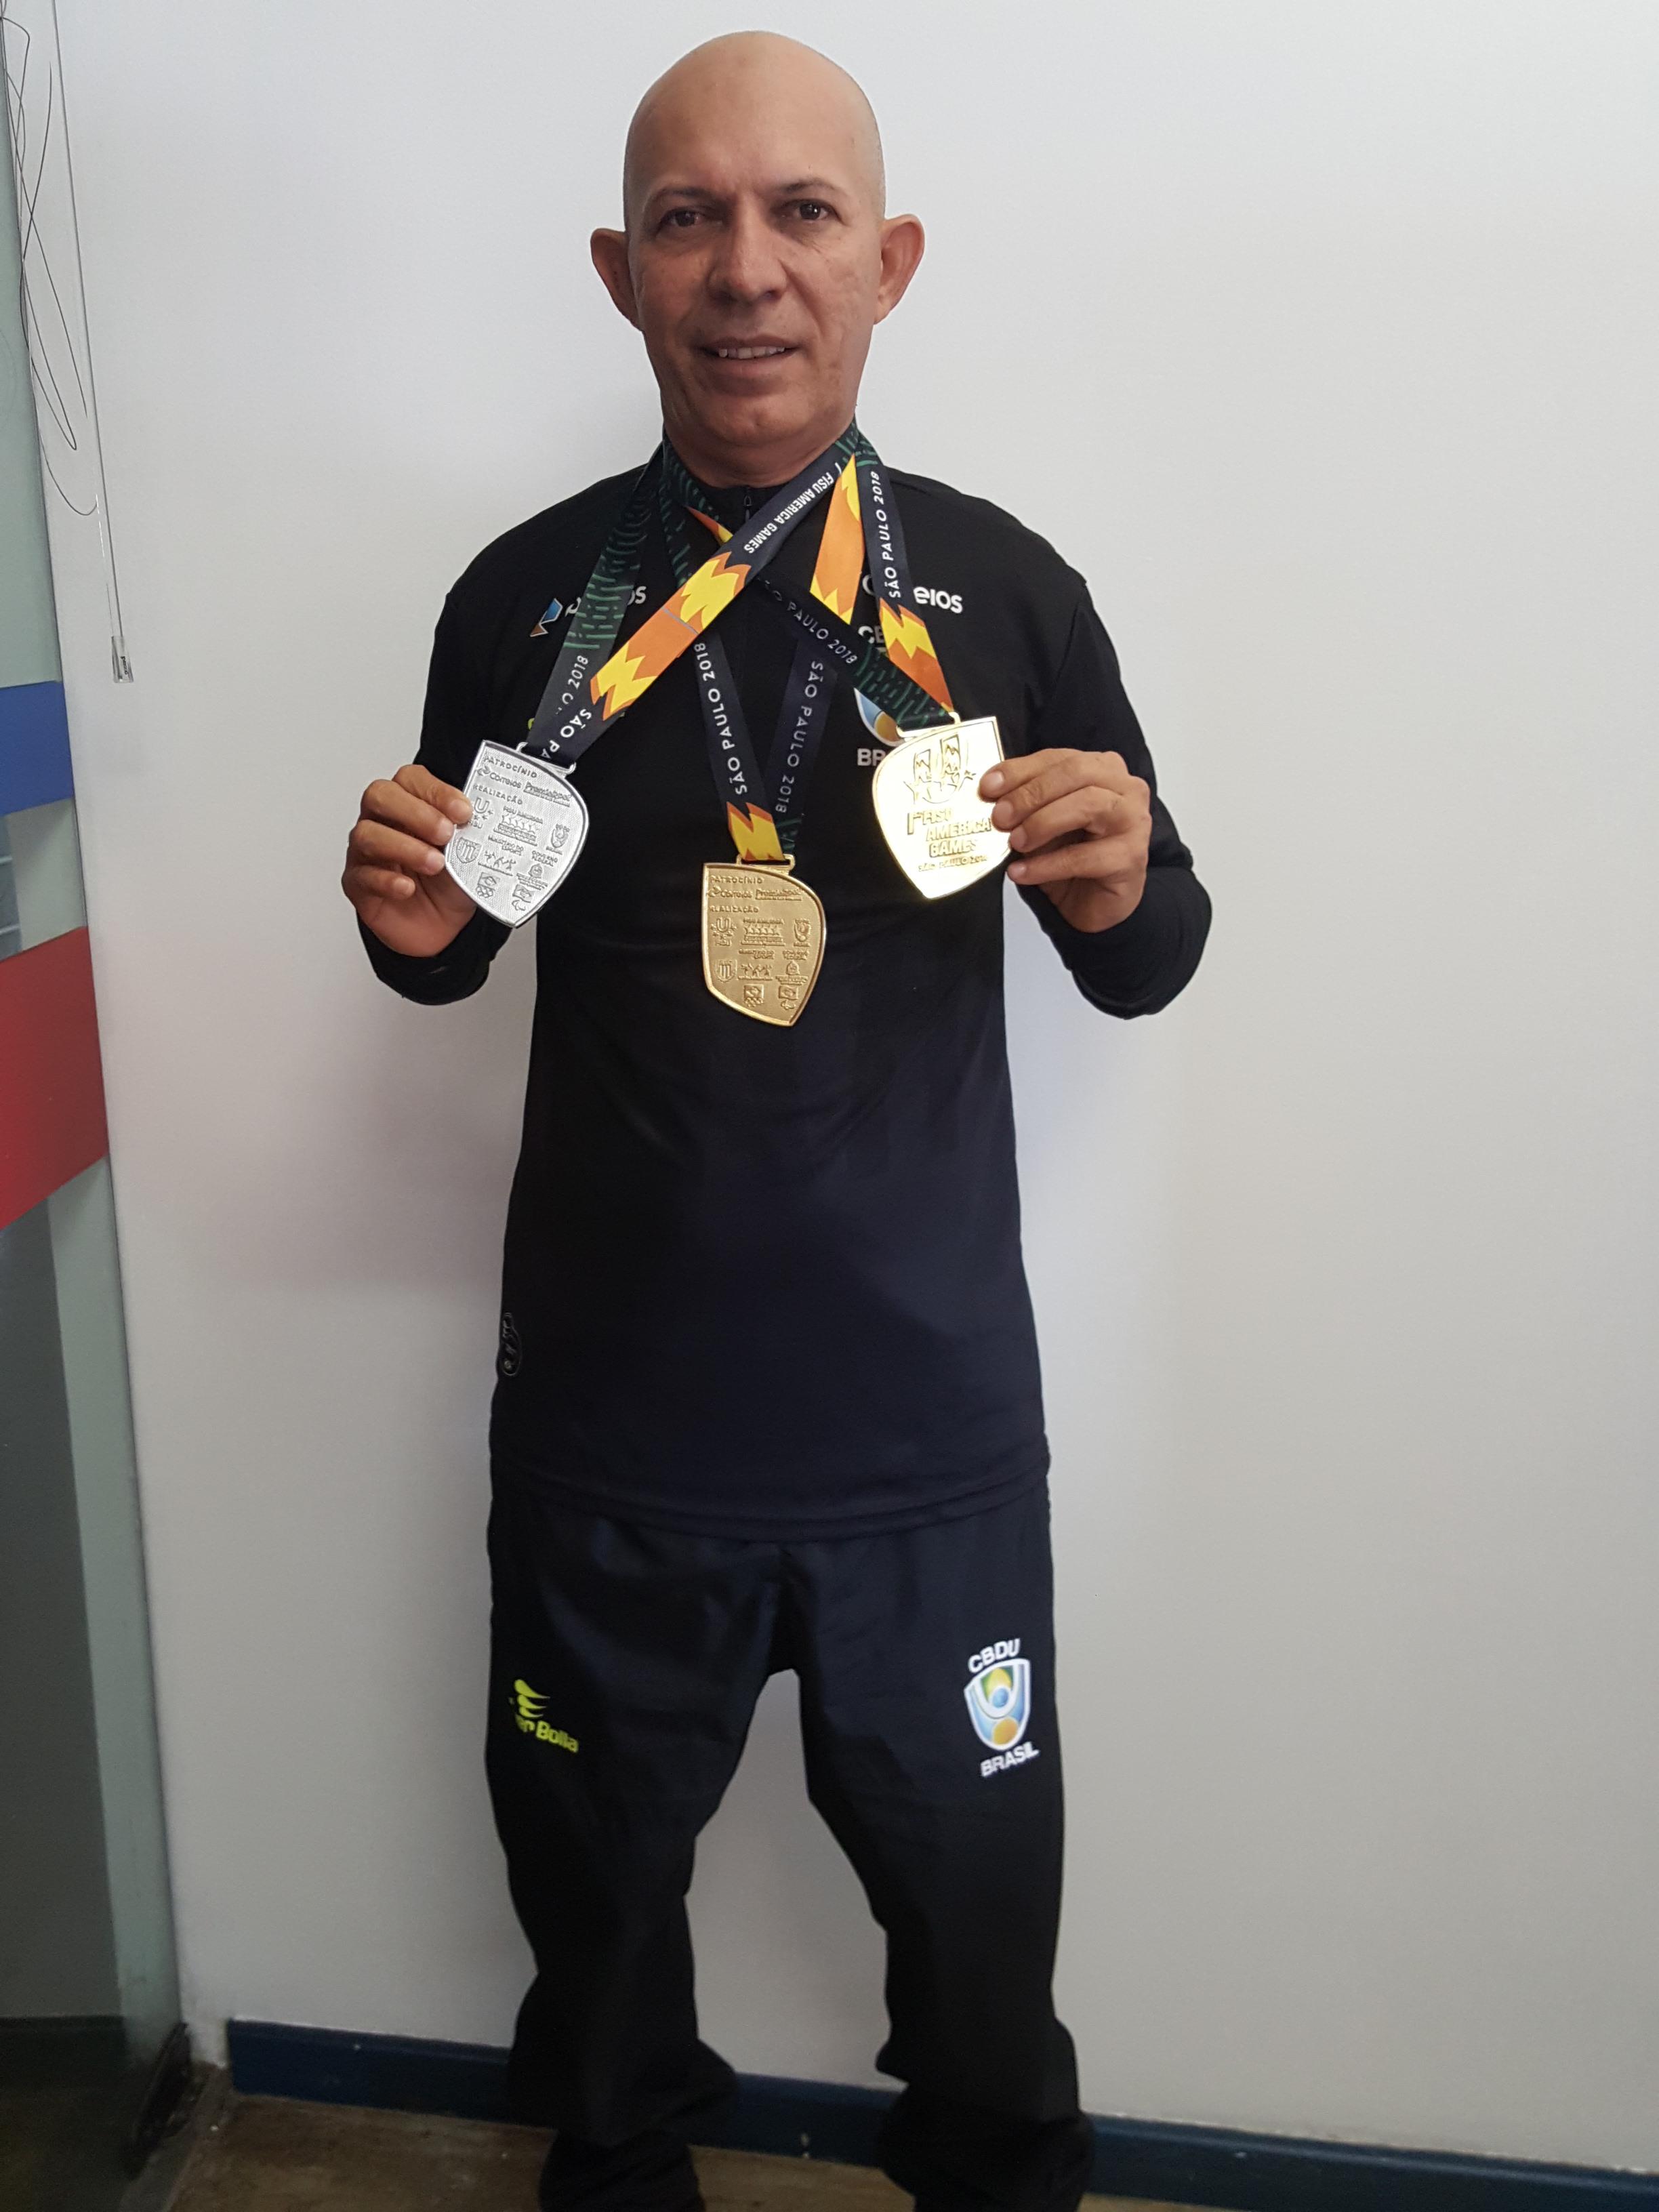 Aluno da Universo brilha em competições nacionais de atletismo